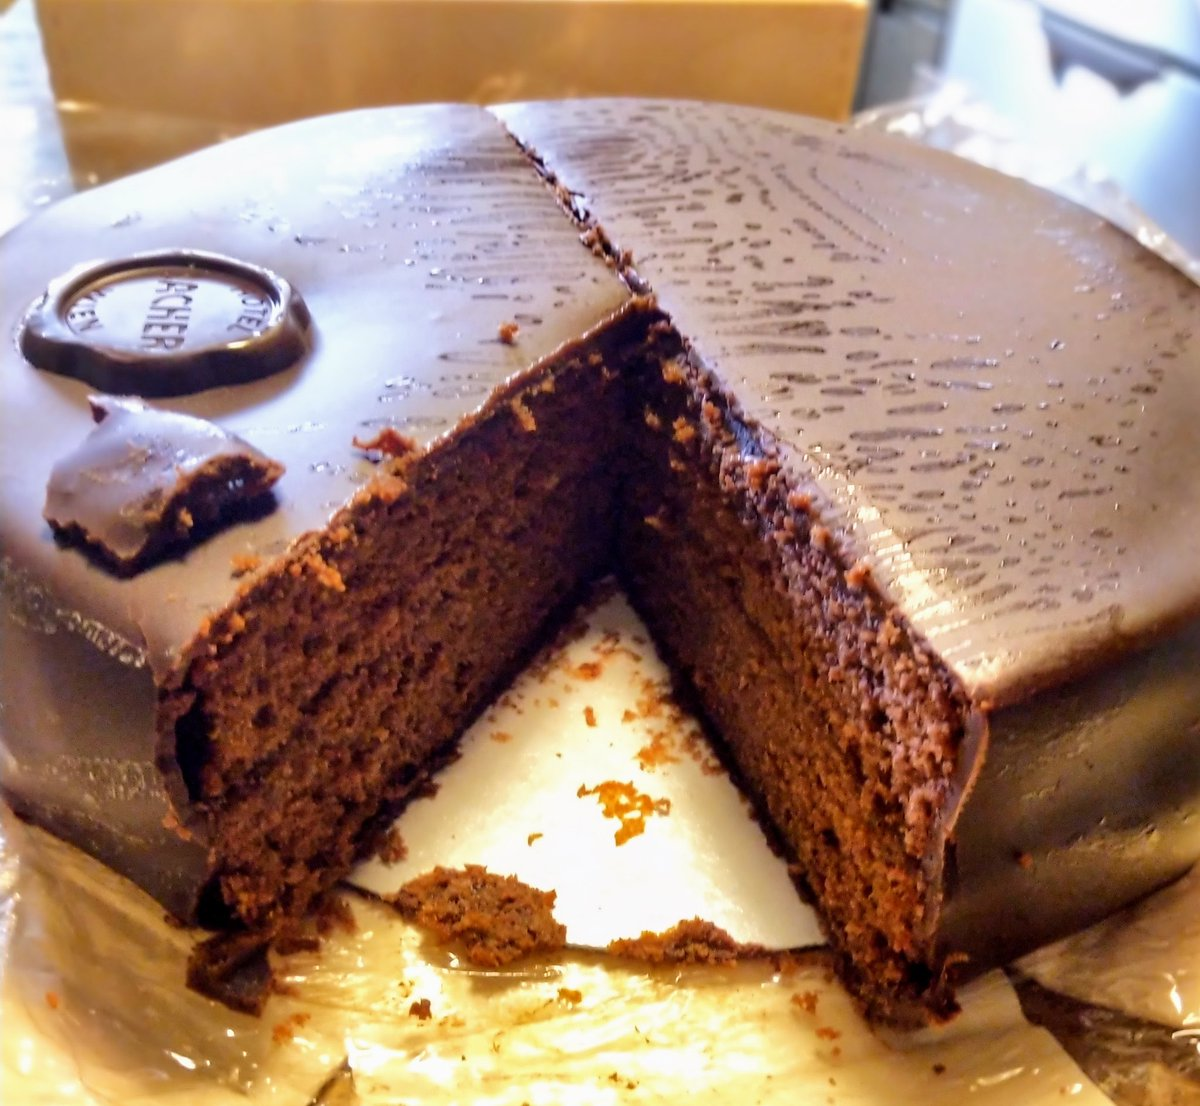 test ツイッターメディア - 早速、開封の儀。中サイズの直径19cmですが思ったより大きくてずっしり重い。  食べた感じは、チョコレート感より砂糖菓子感が強くてかなり甘くてこれも重い。生ケーキというよりはしっとり目の焼菓子に近い。  デメルのザッハトルテ(日本製)の方が、チョコレート感、ケーキ感は強いと思います。 https://t.co/2nUsqm4mD3